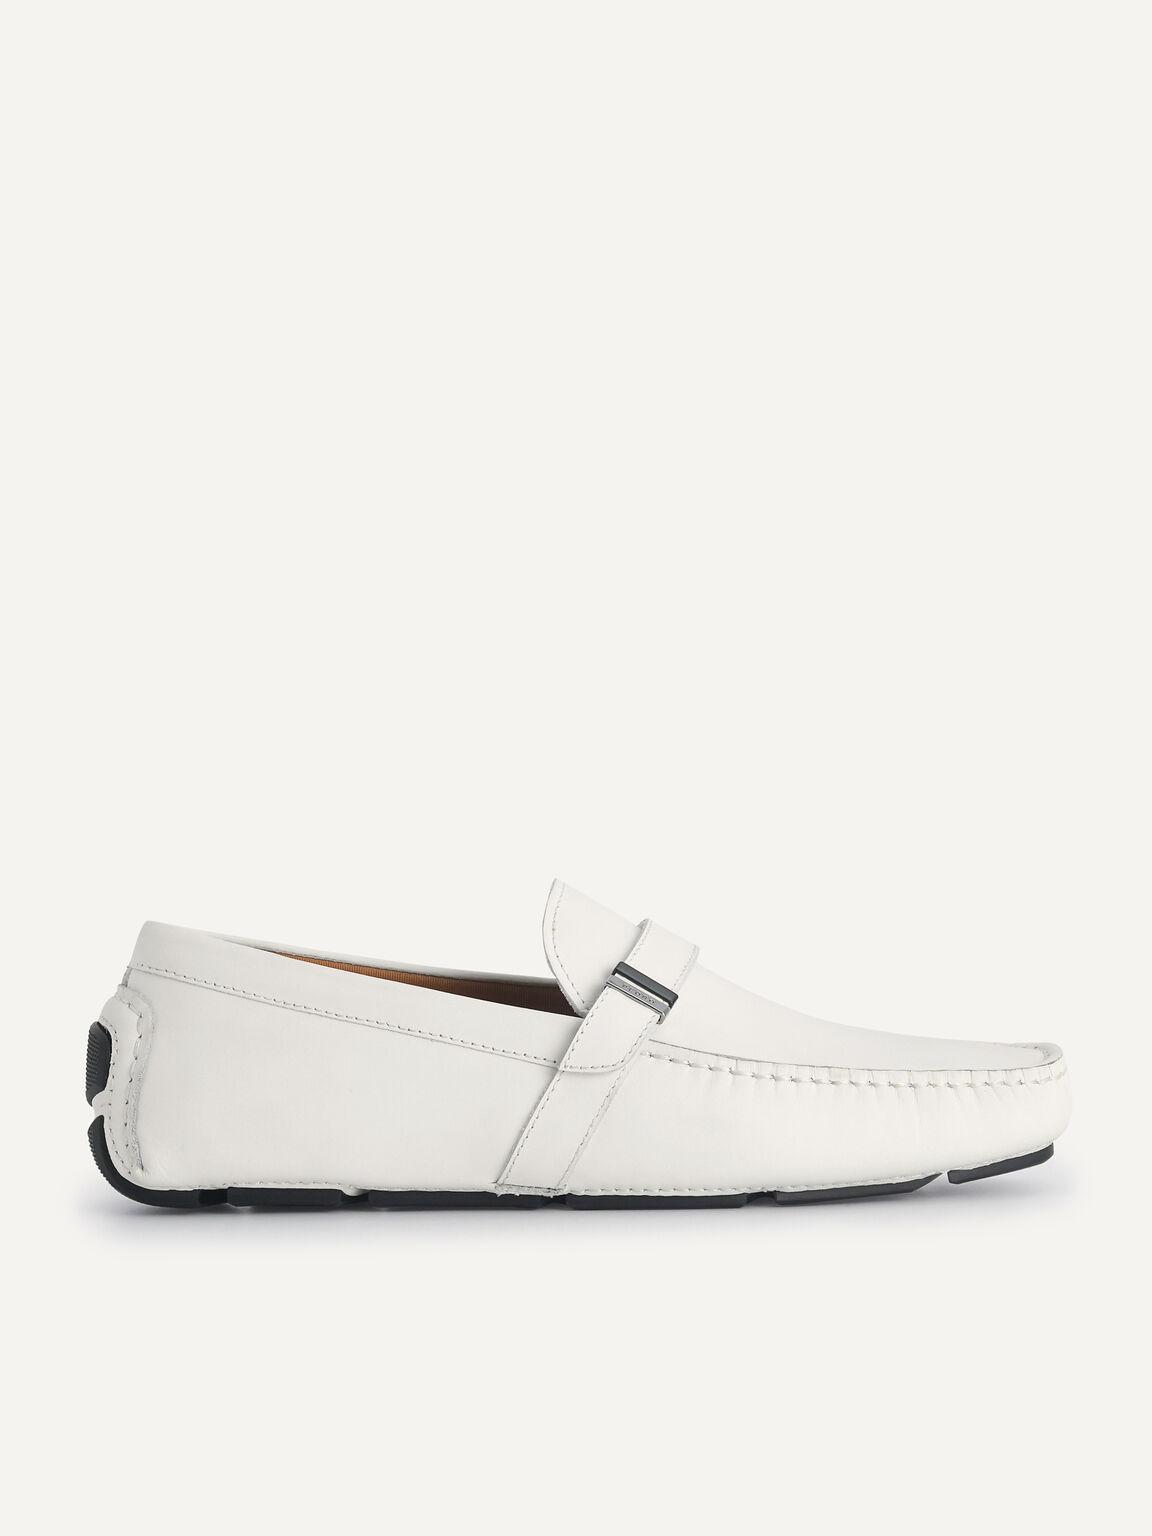 皮革莫卡辛鞋, 白色, hi-res